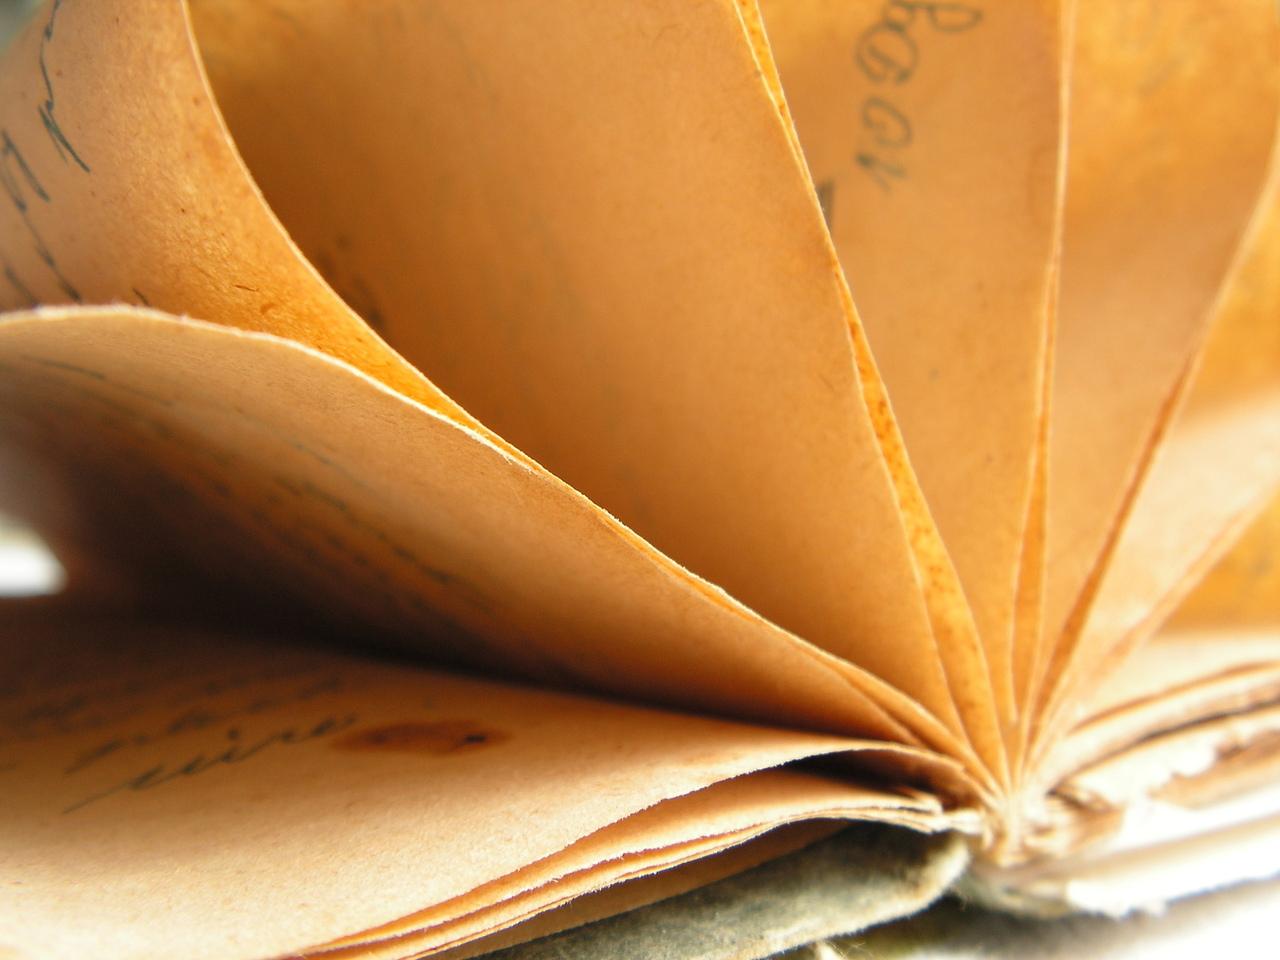 Renginio metu sužinosite, kaip reikia tinkamai tvarkyti savo finansus